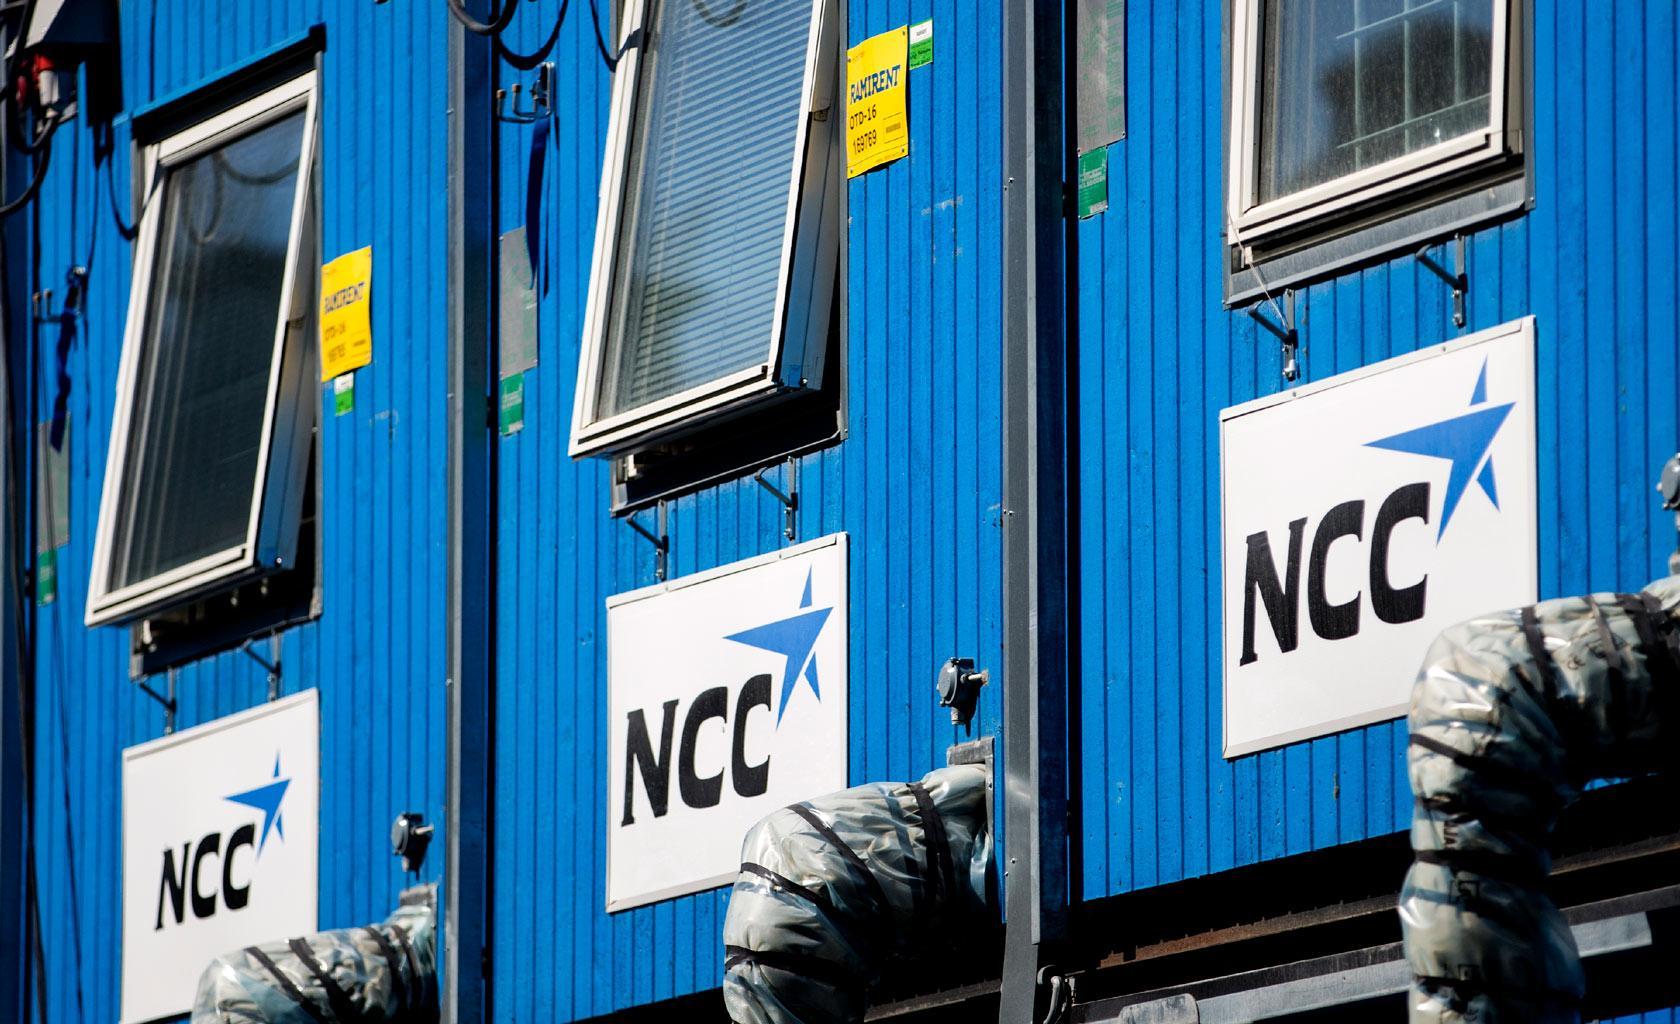 Ncc Suomi Oy